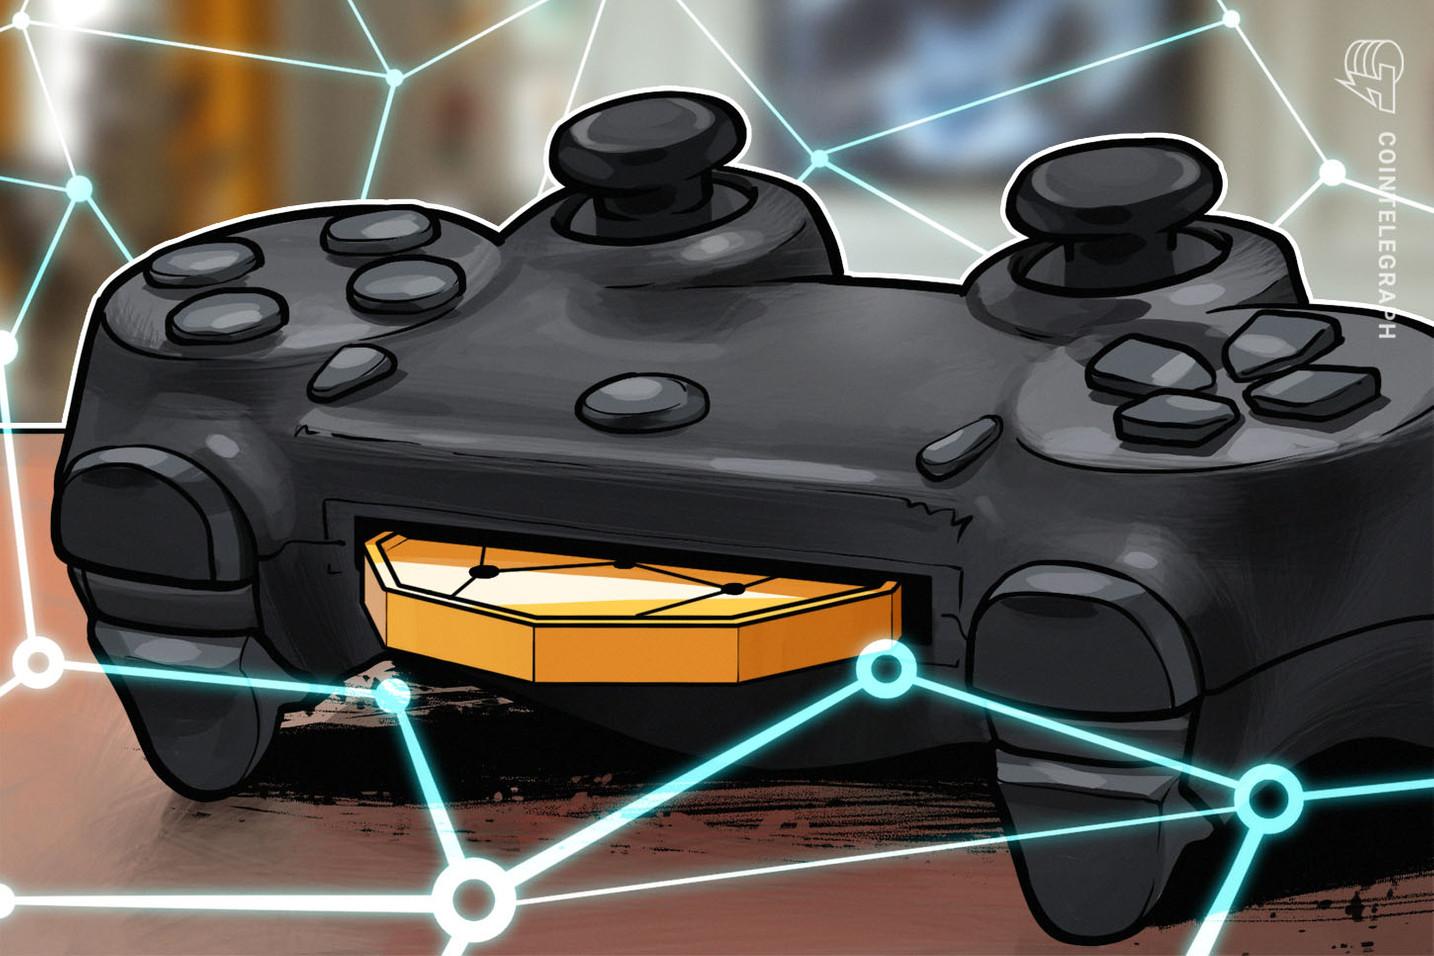 Produtora de games como Assassin's Creed e Rainbow Six, Ubisoft vai implementar tecnologia blockchain em novos jogos